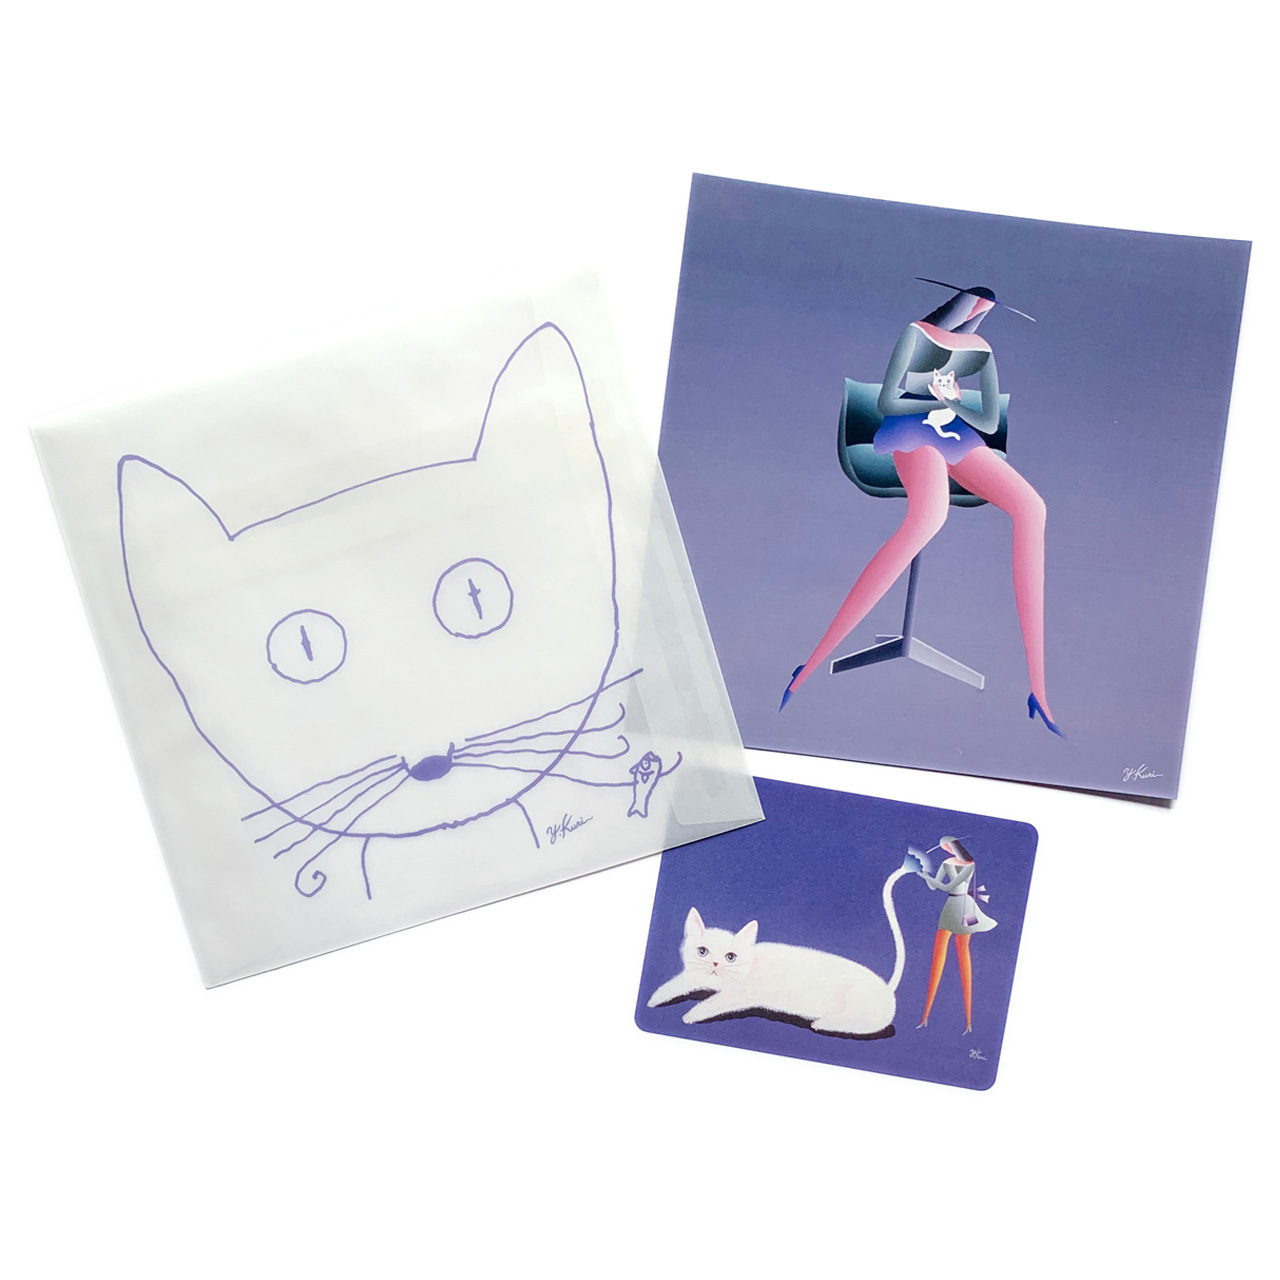 ジュリアンヌの白猫 カード&封筒セット